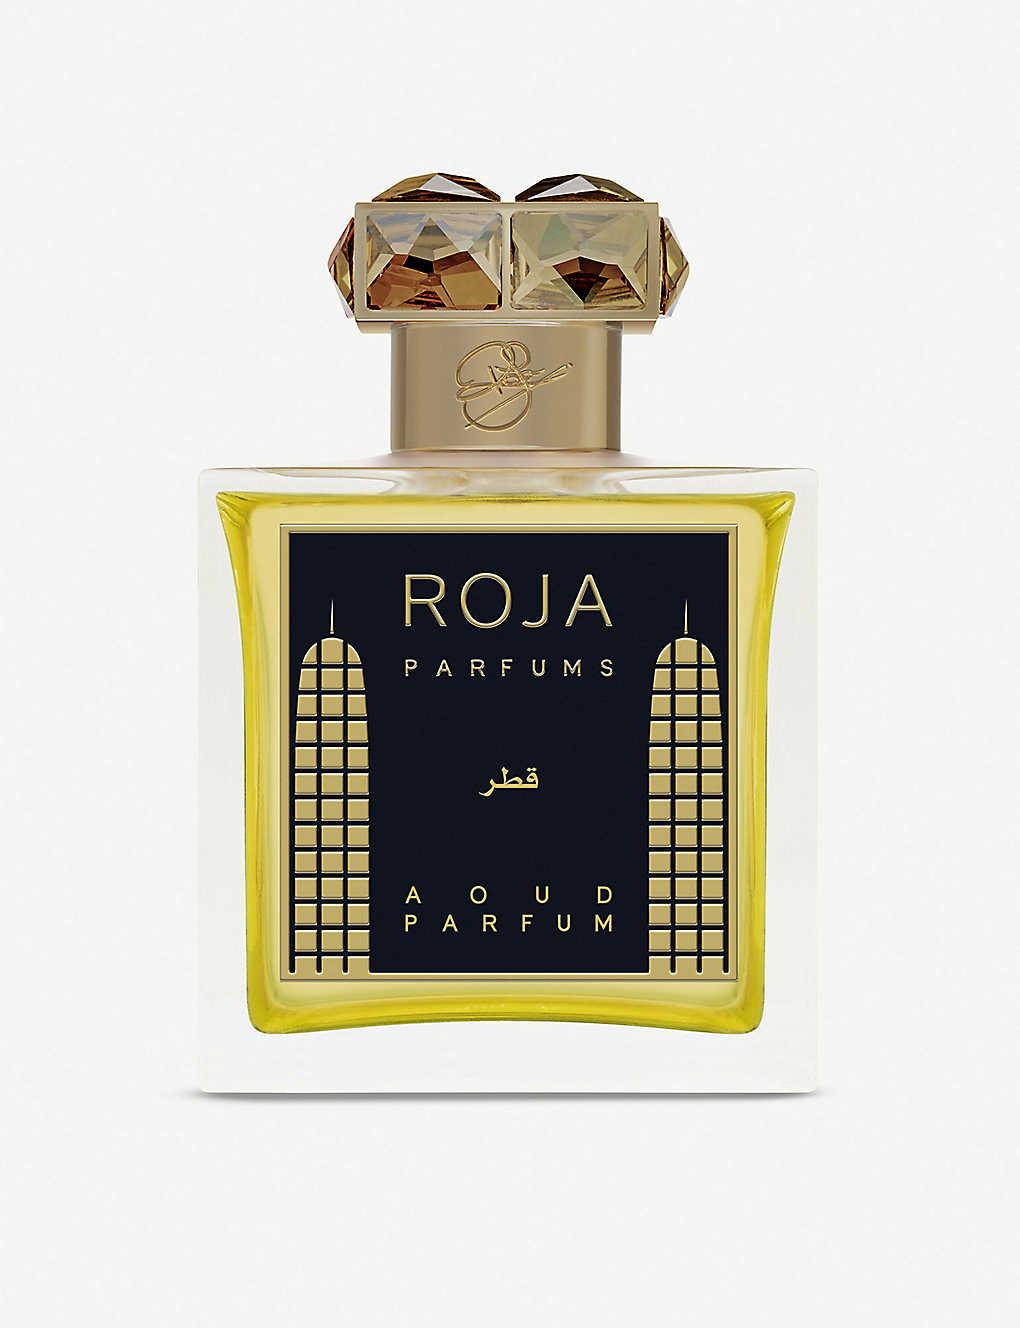 ROJA PARFUMS - Qatar Aoud parfum 100ml | Selfridges com